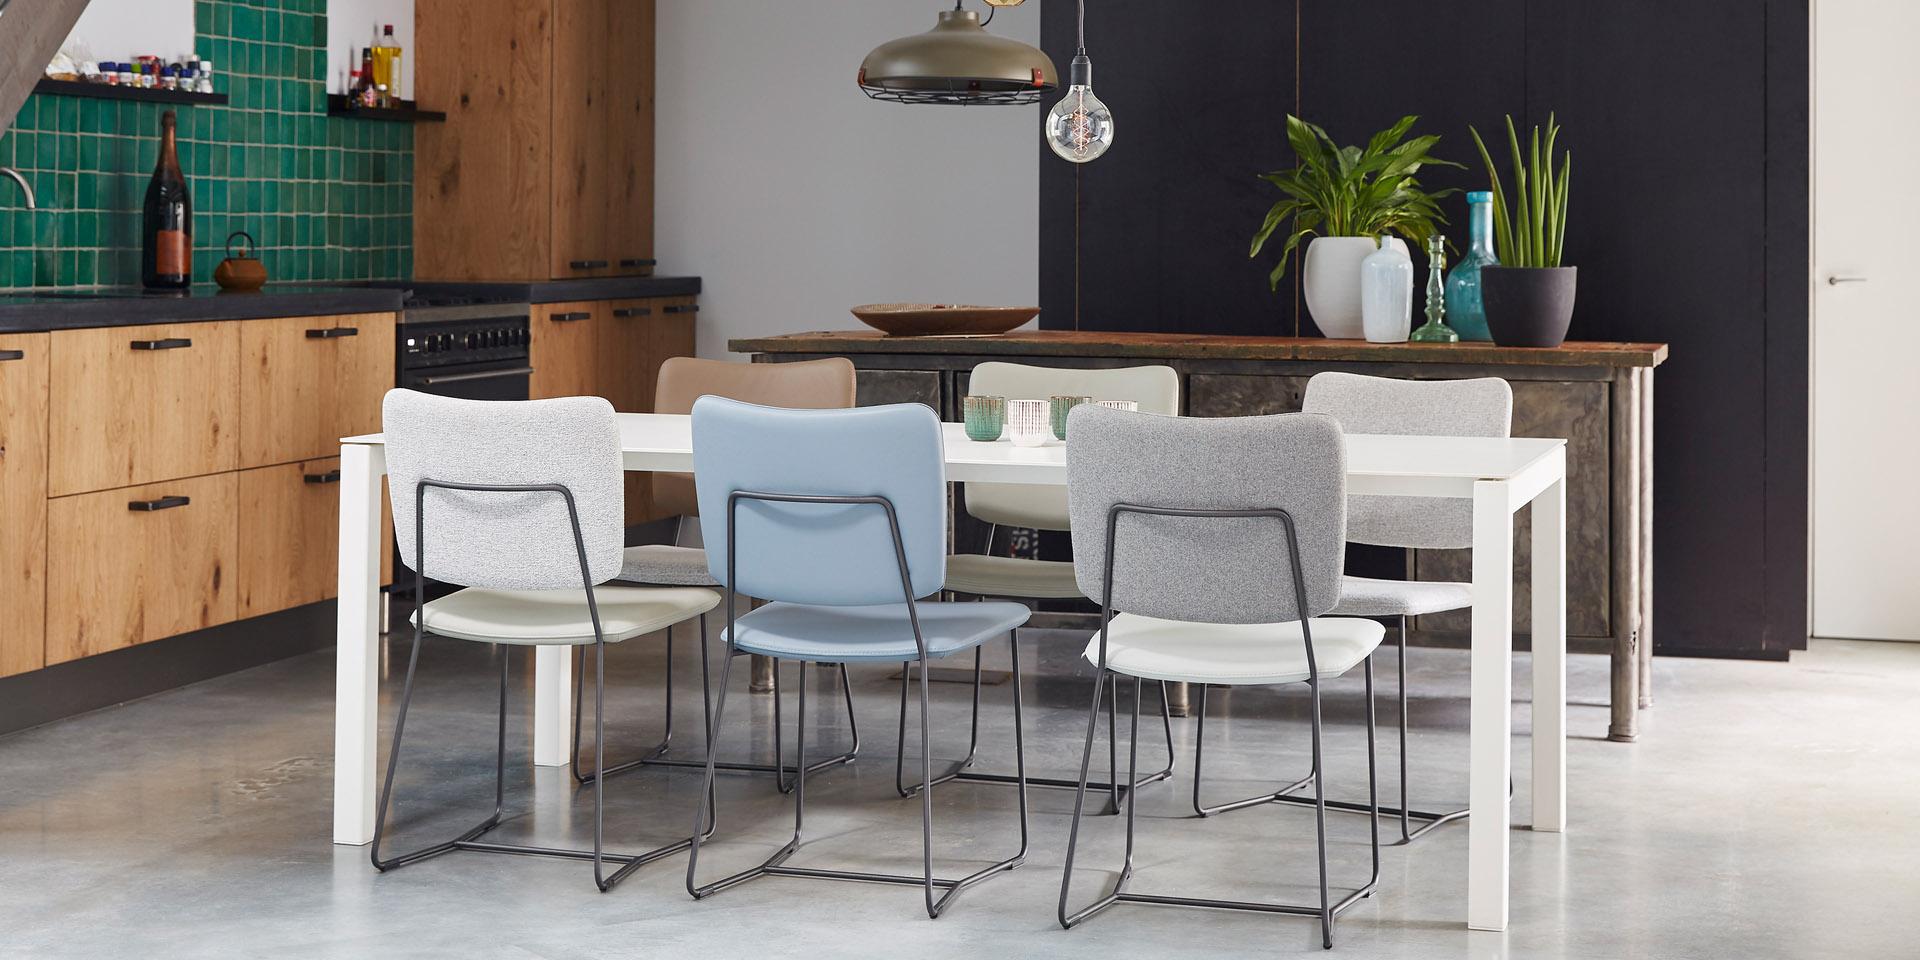 header marke bertplantagie essen fenchel wohnfaszination gmbh. Black Bedroom Furniture Sets. Home Design Ideas